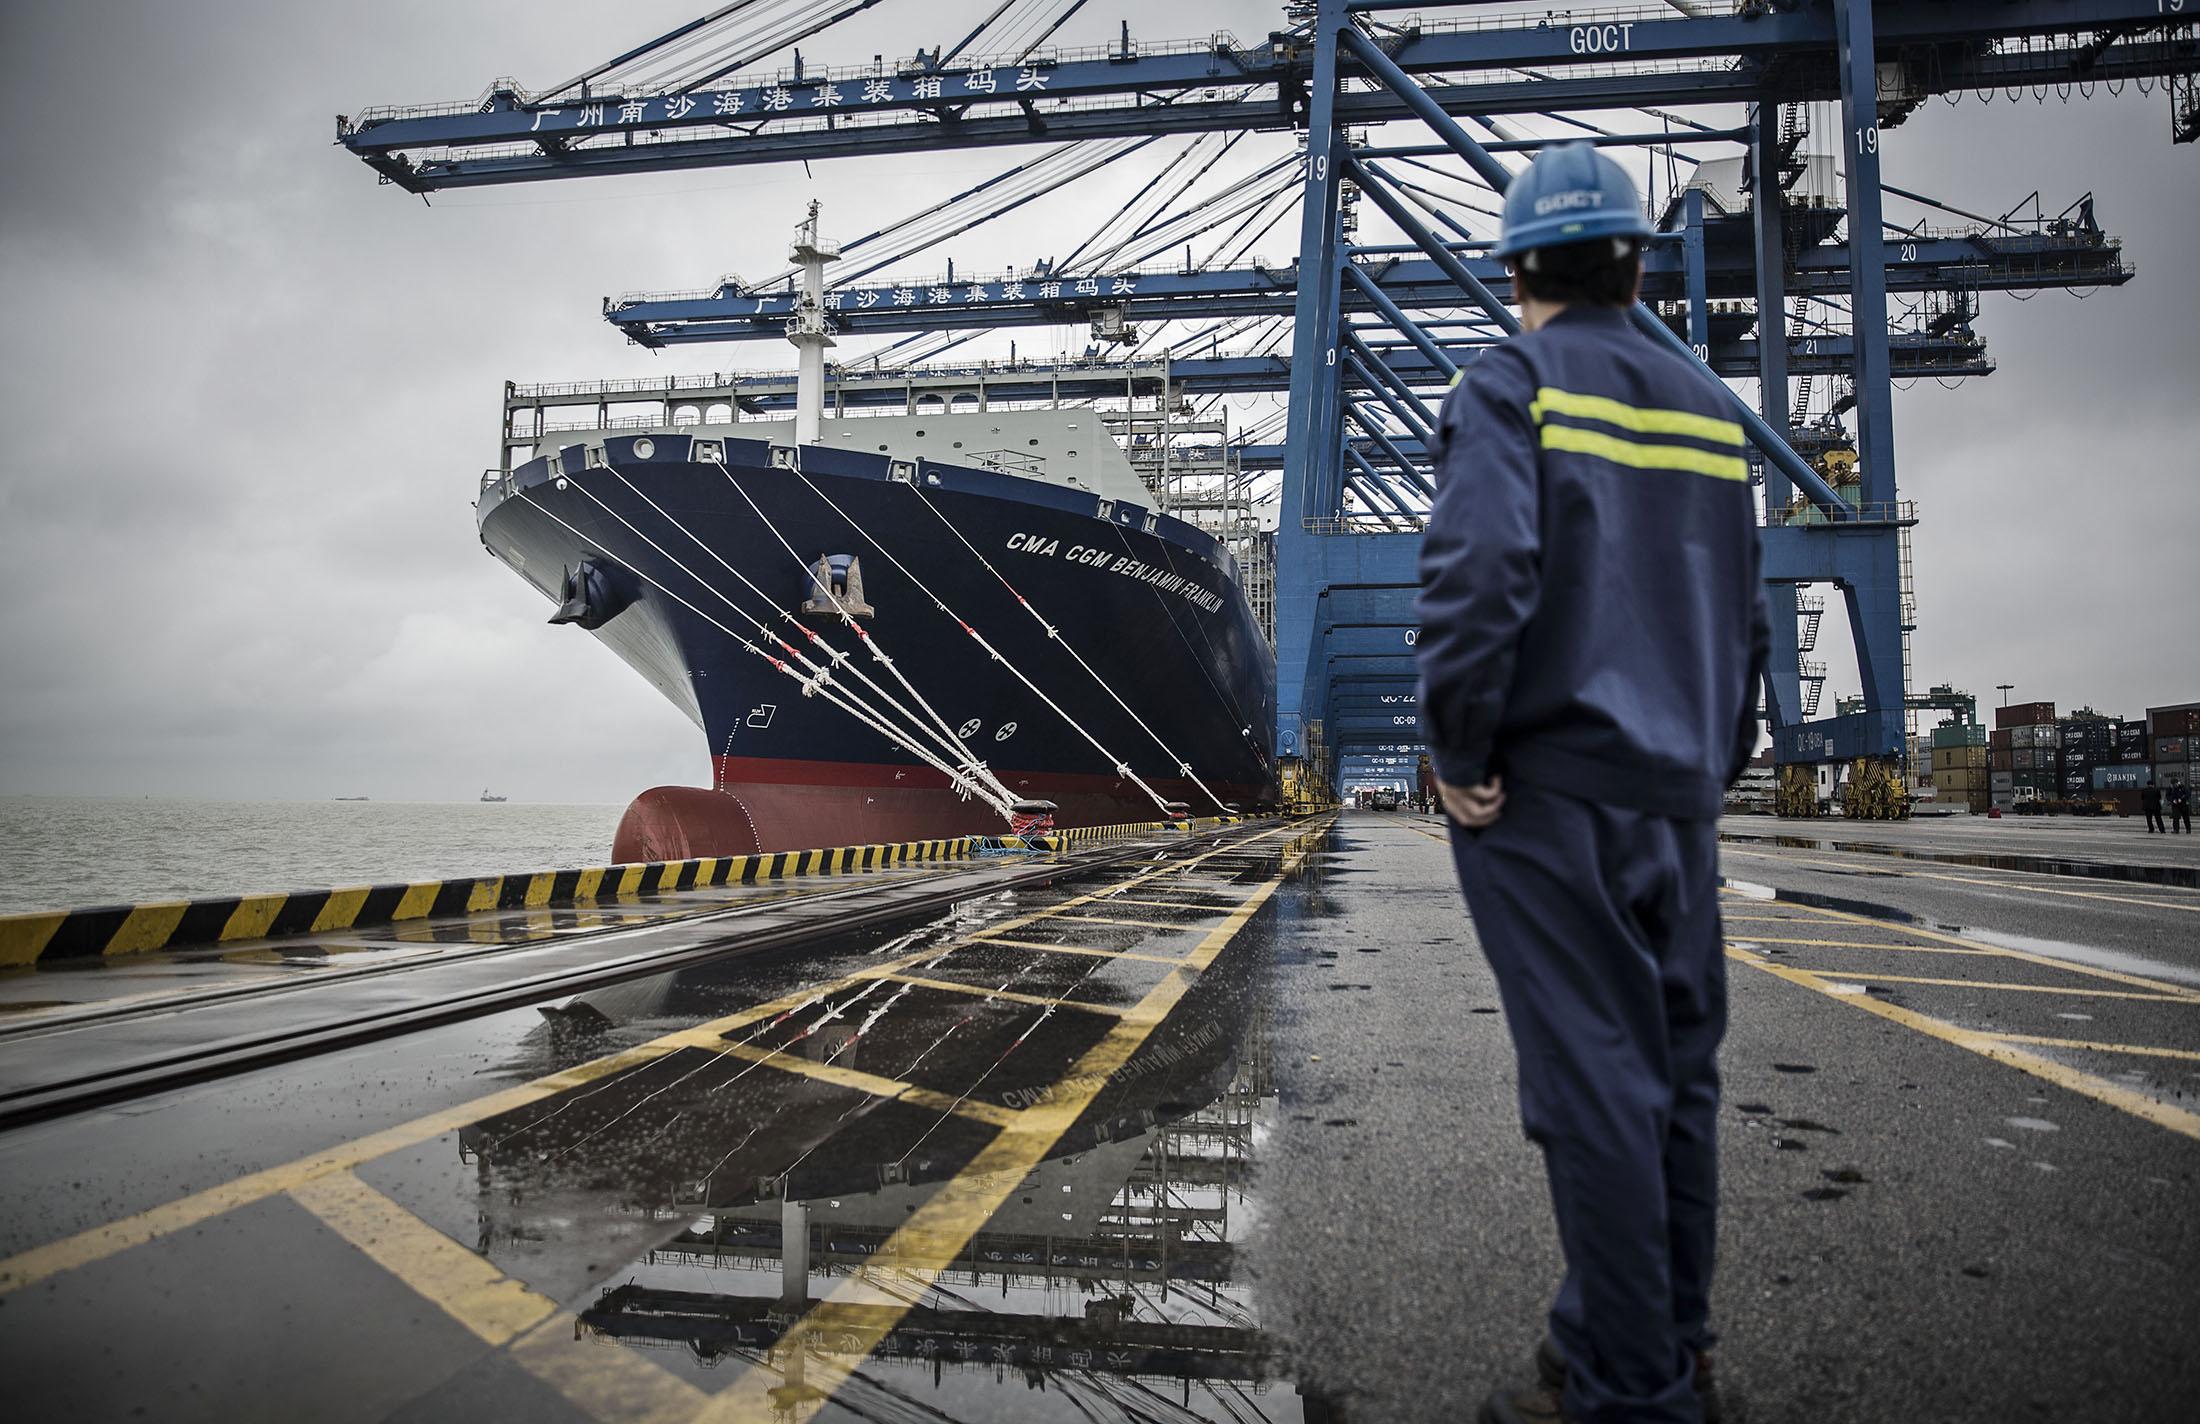 Doku pracownik spojrzenia przy zbior statkiem w Kanton, Chiny.